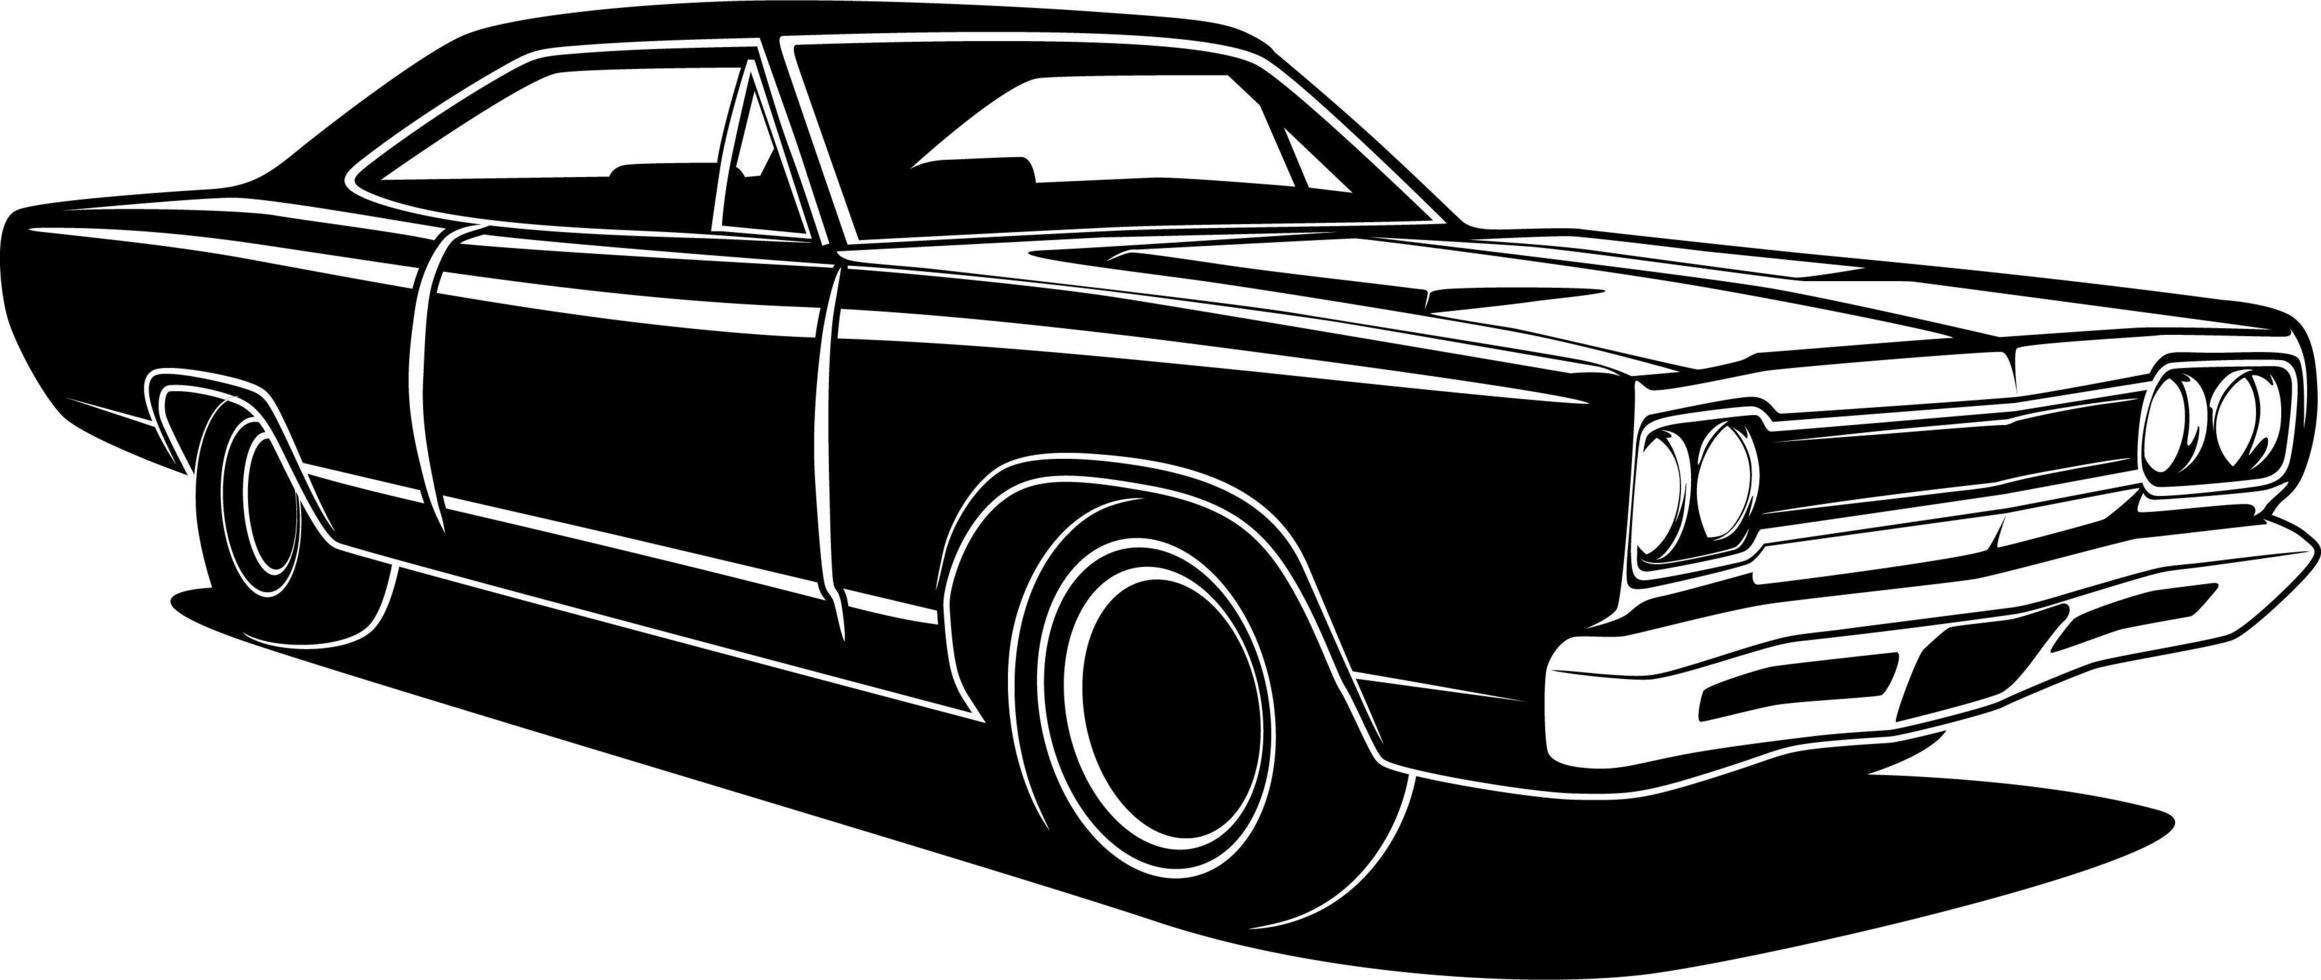 dibujo de carro retro blanco y negro vector